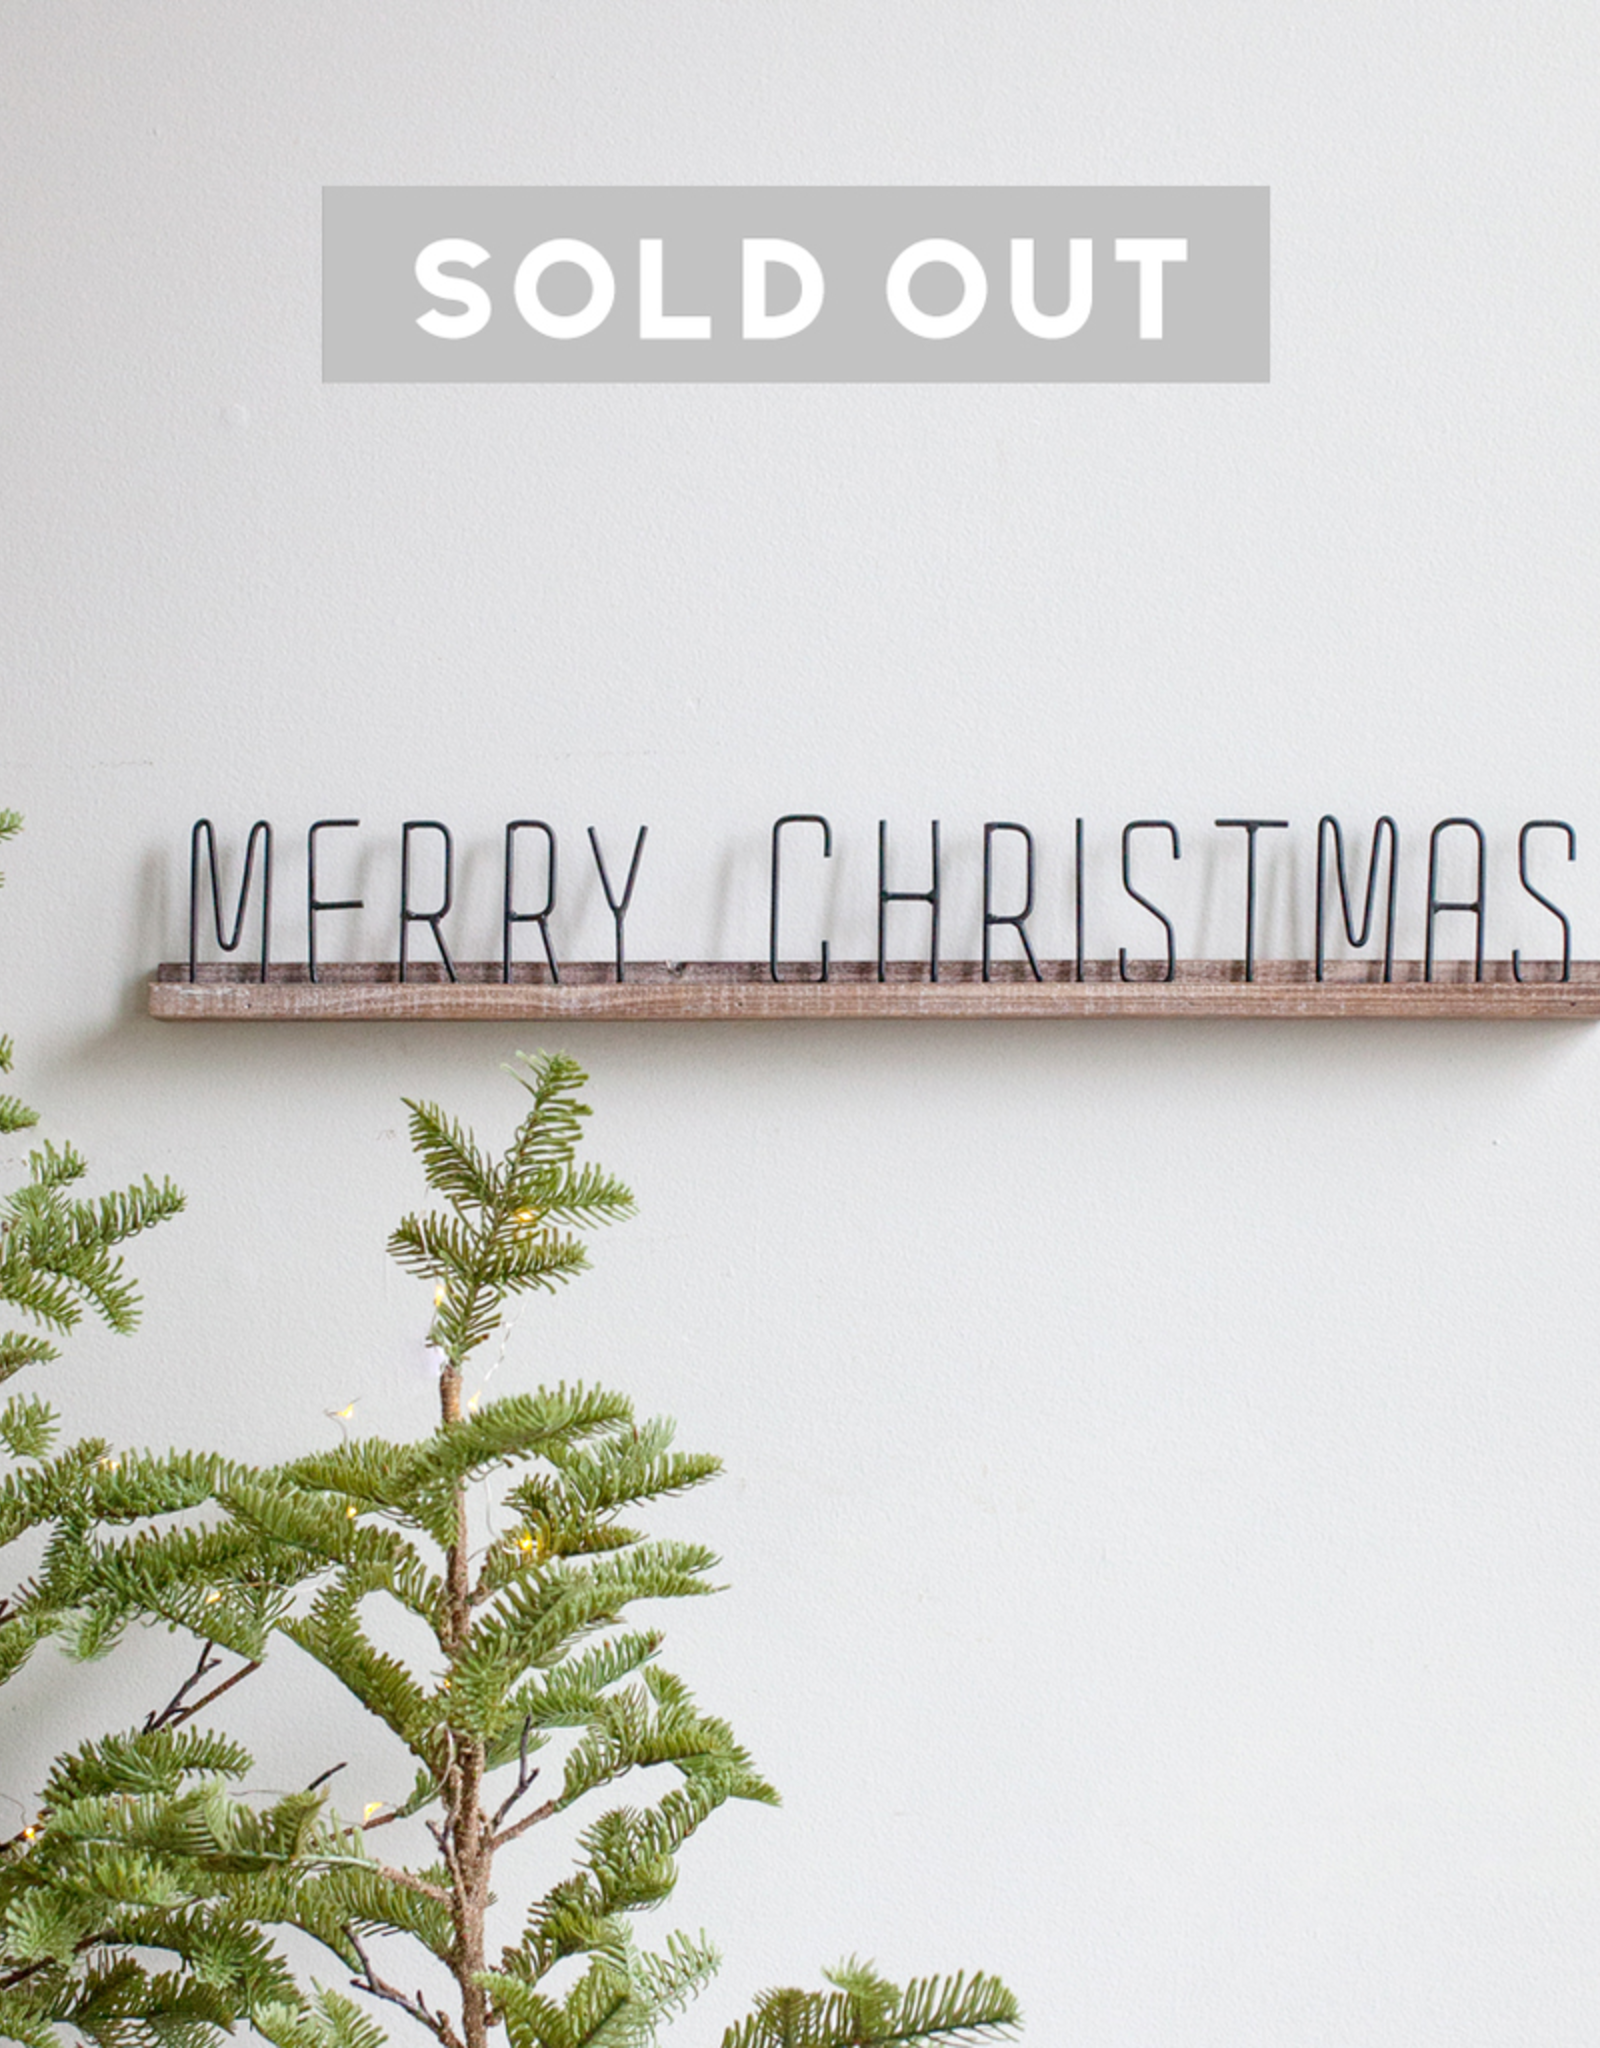 New Wood + Metal Christmas Sign